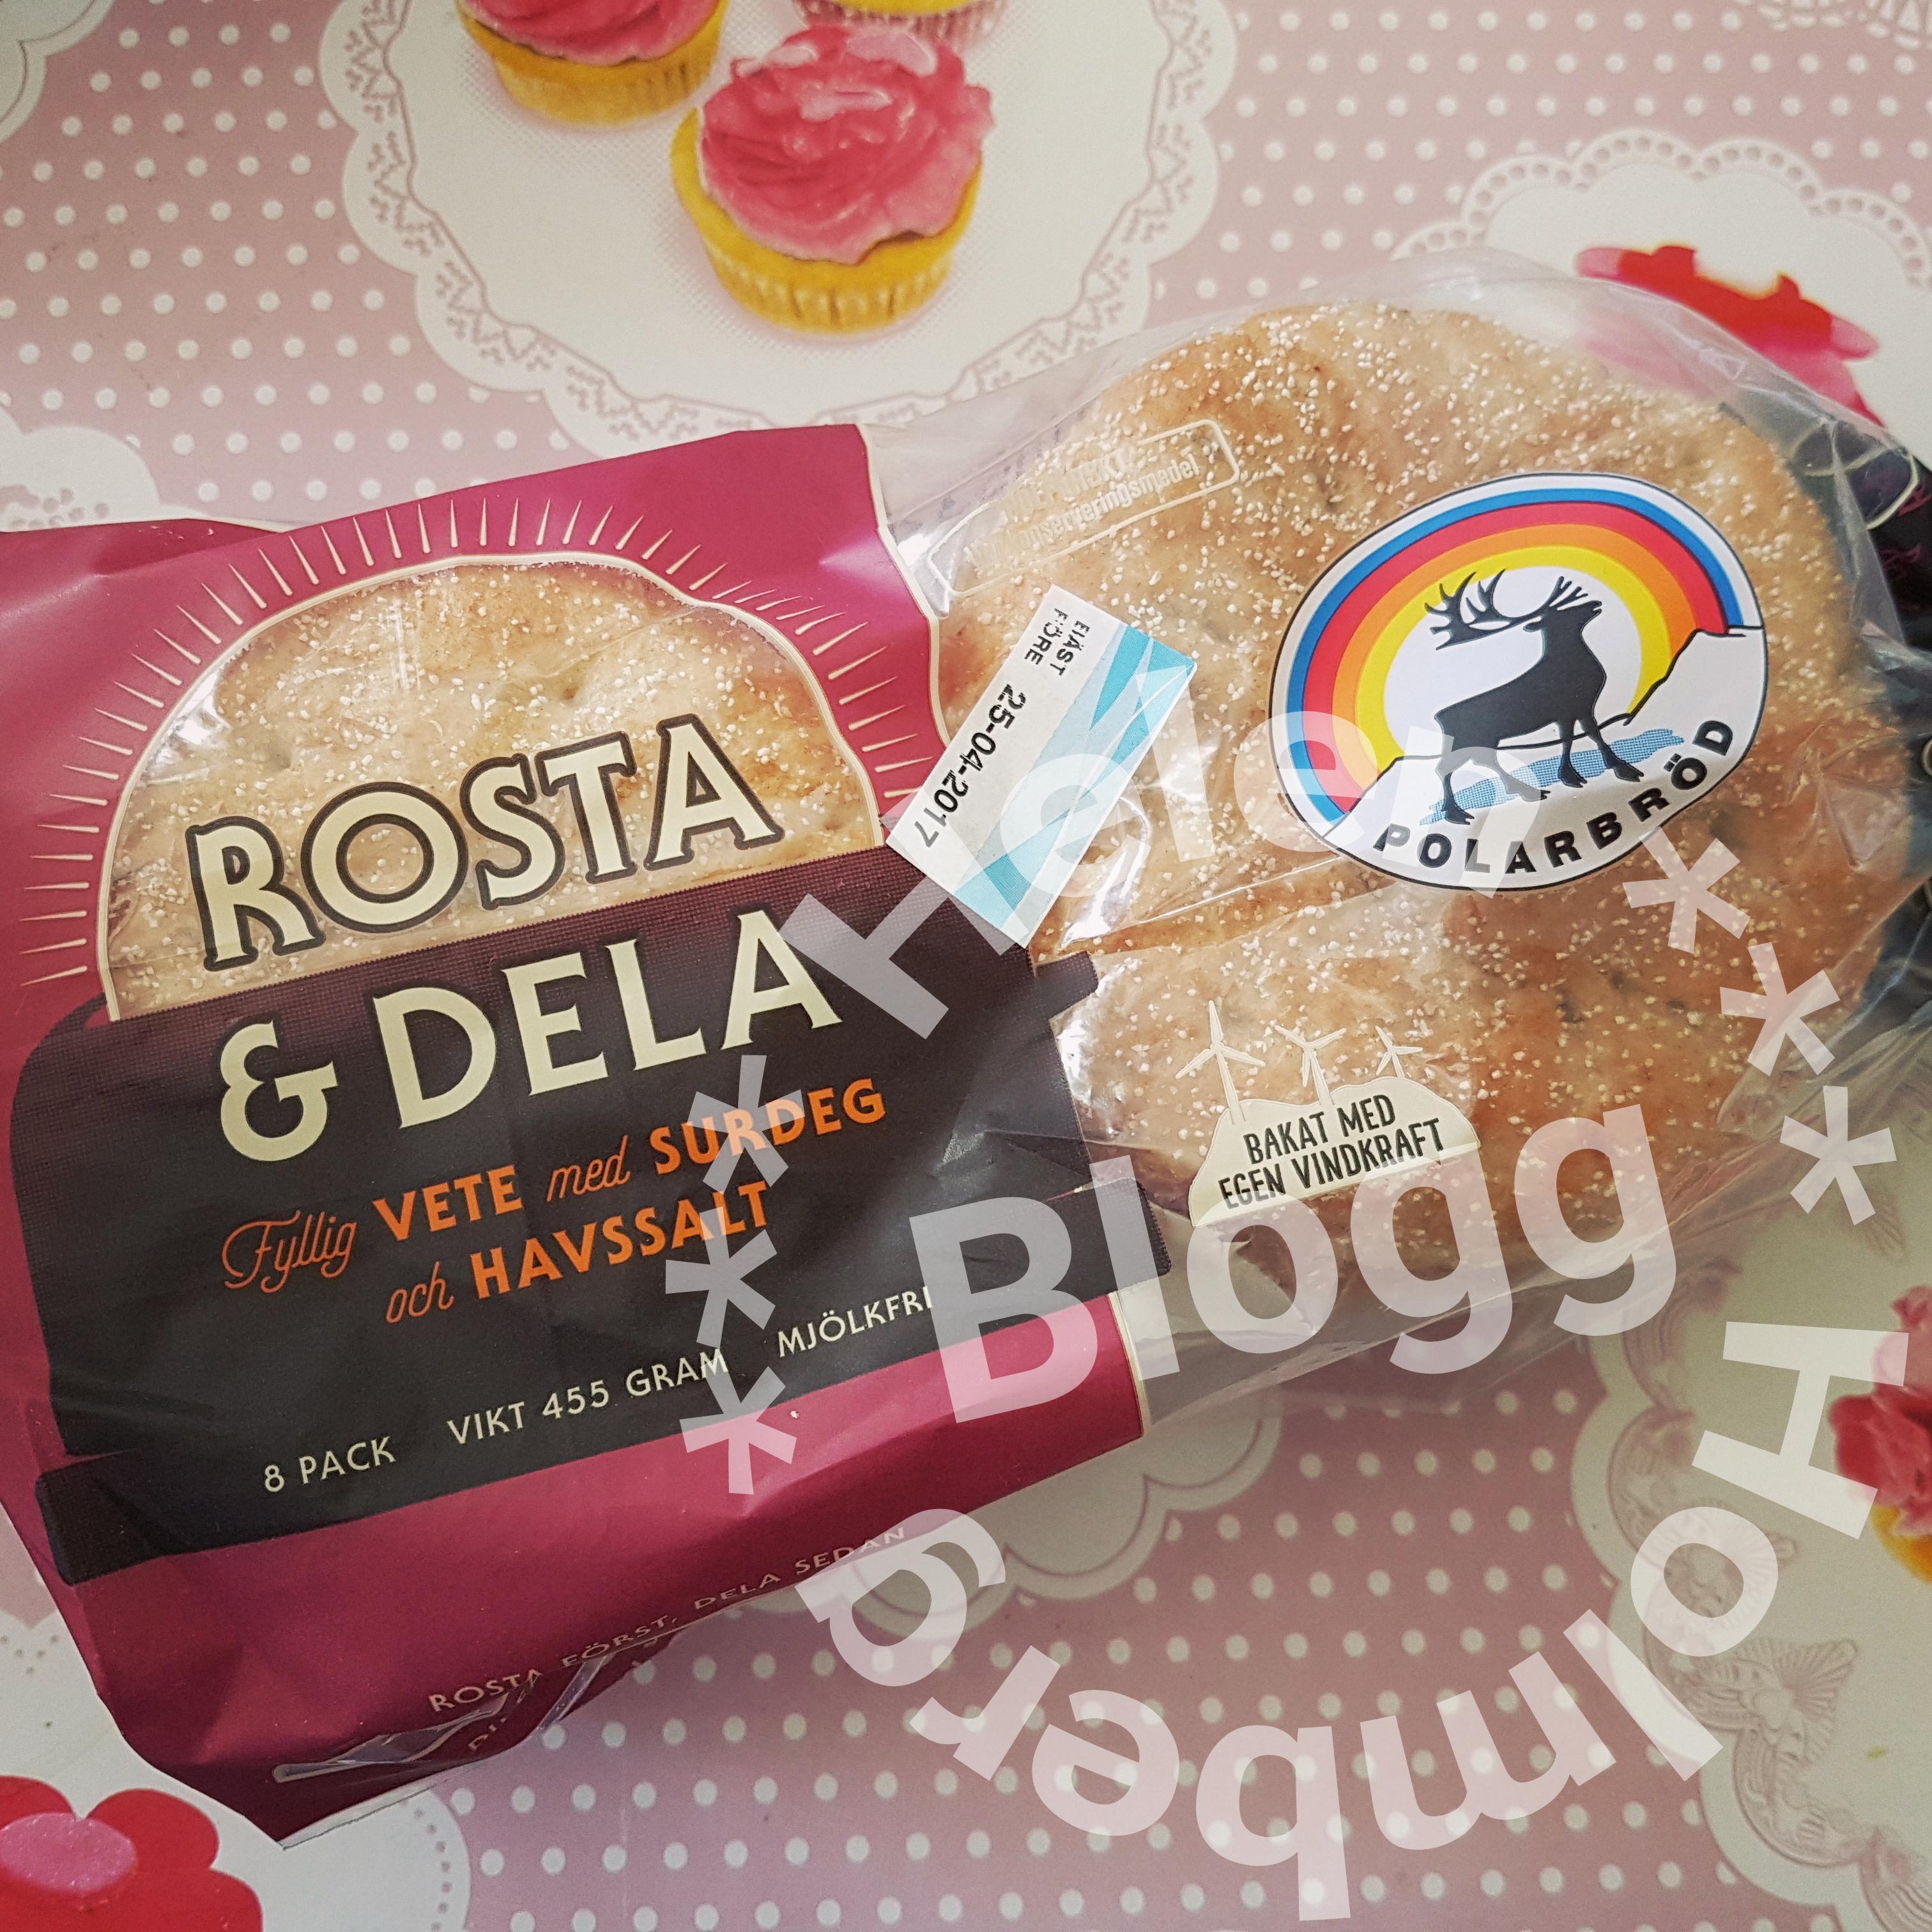 Provsmakning av Polarbröd rosta och dela ett ljust bröd med surdeg